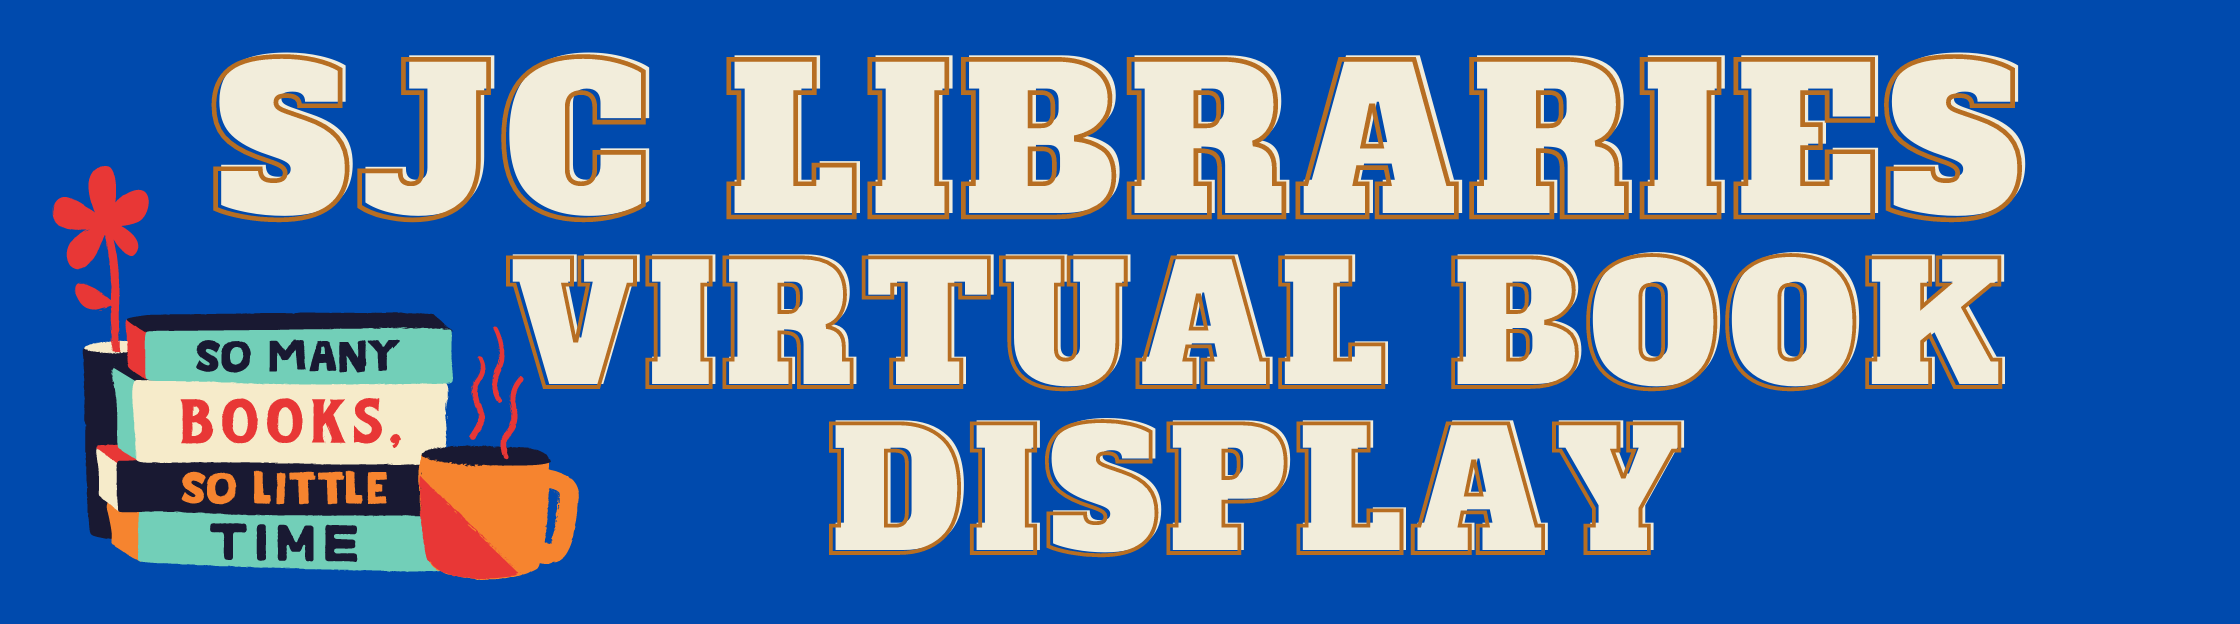 Virtual Book Display